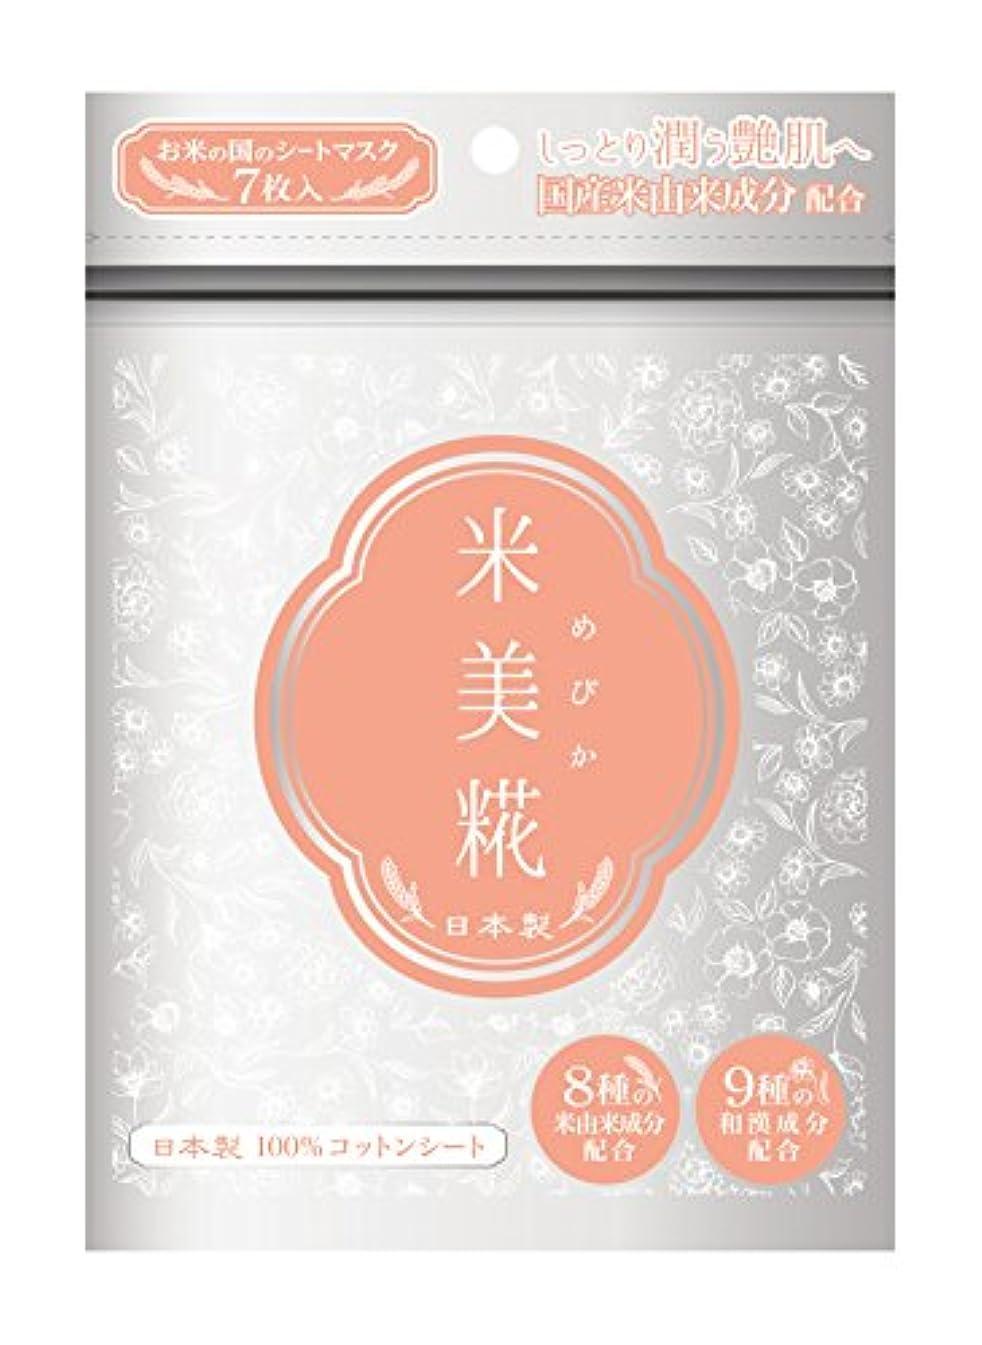 拒絶する気味の悪い太字米美糀 モイストシートマスク (7枚入)